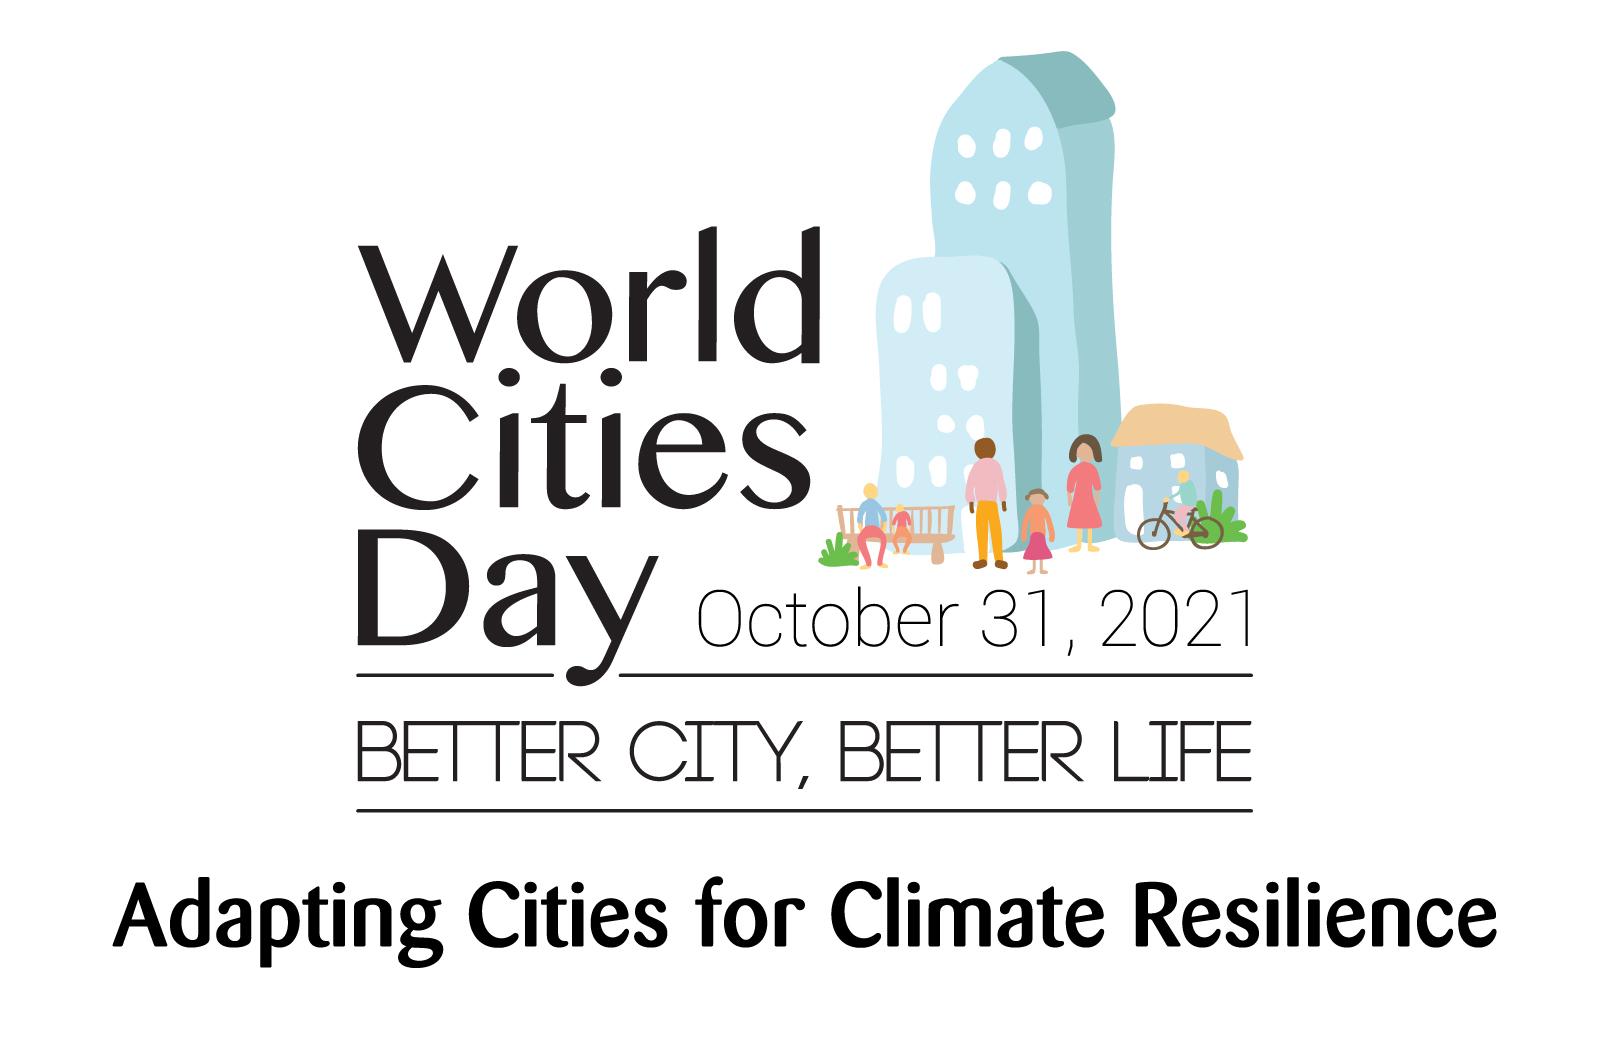 Logo della Giornata mondiale delle città 2021